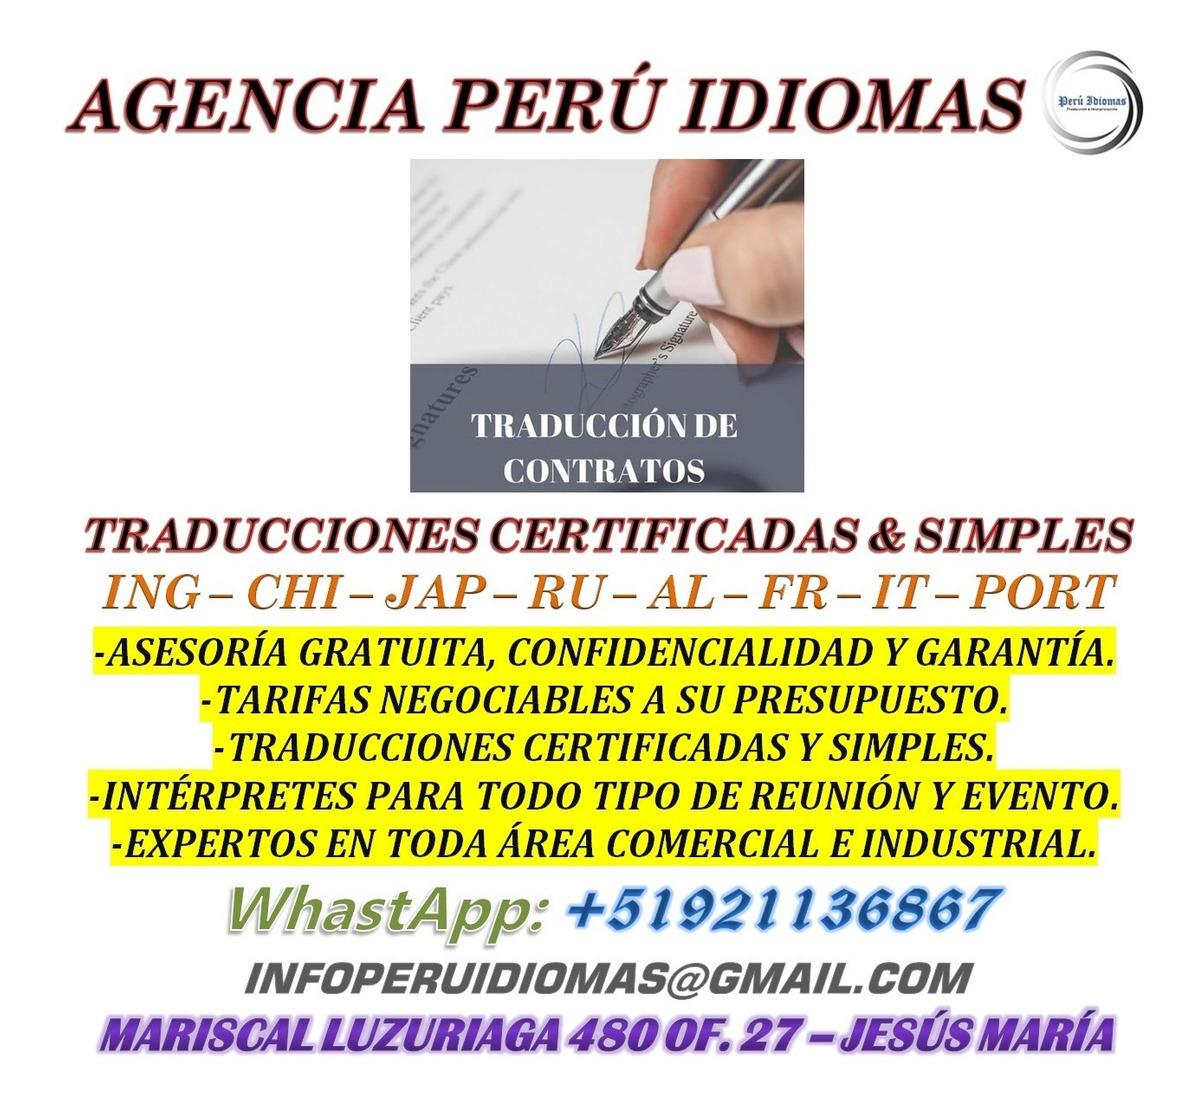 Traducciones certificadas y simples a su presupuesto